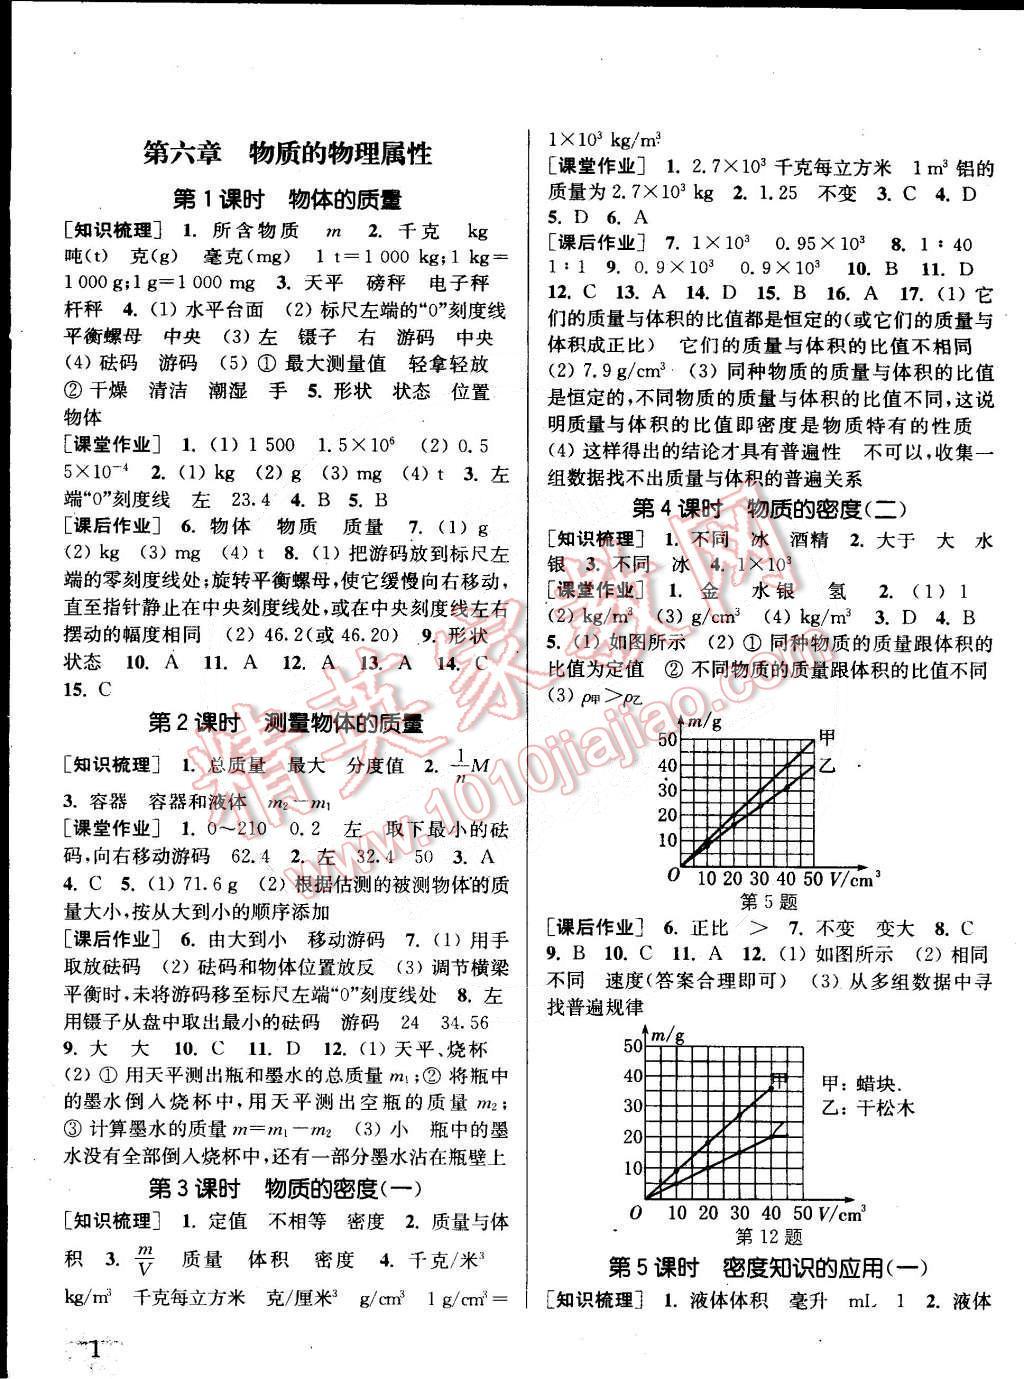 2015年通城学典课时作业本八年级物理下册苏科版第1页